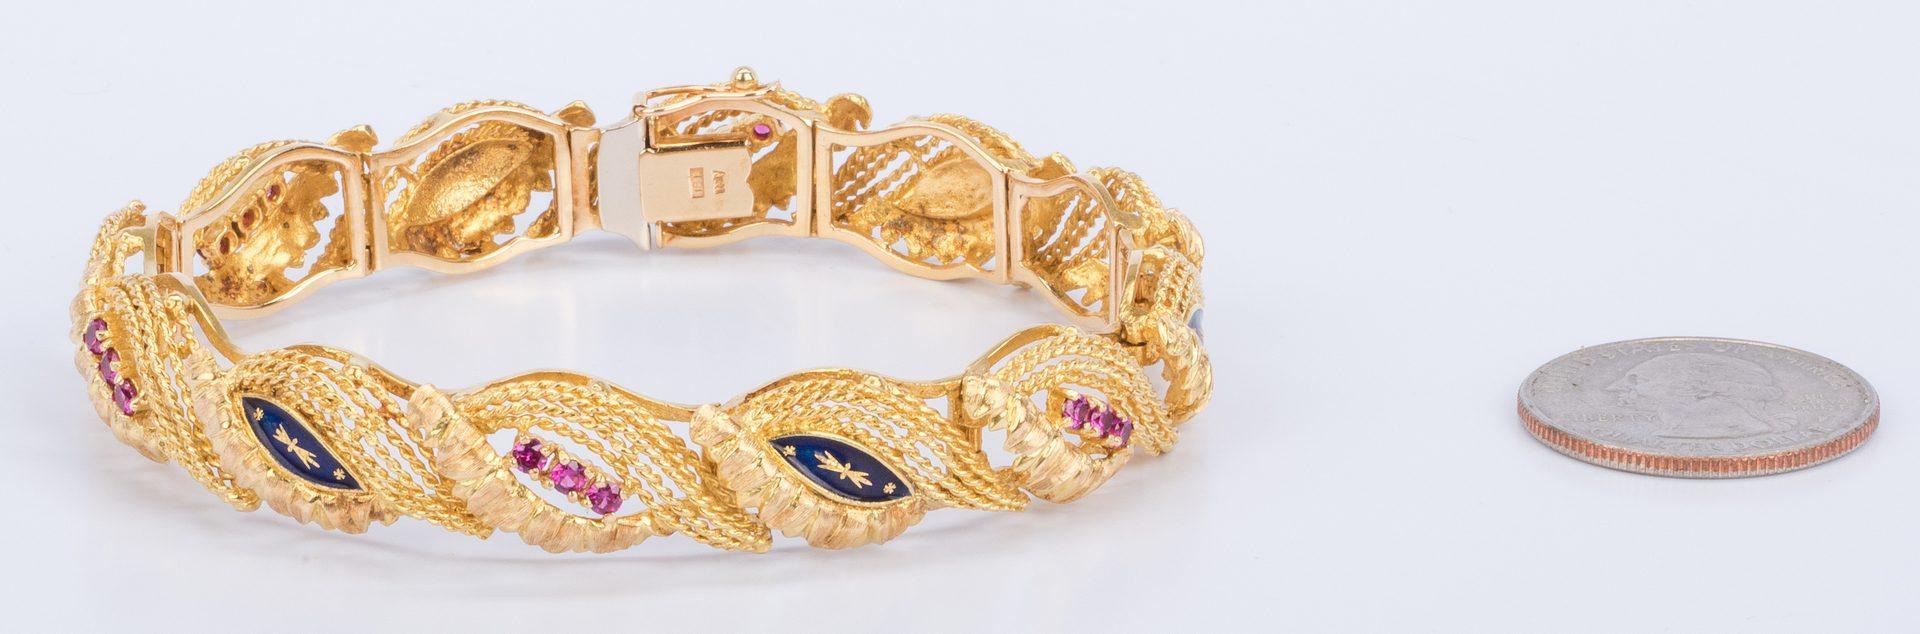 Lot 33: 18K Italian Ruby, Blue Enamel Bracelet